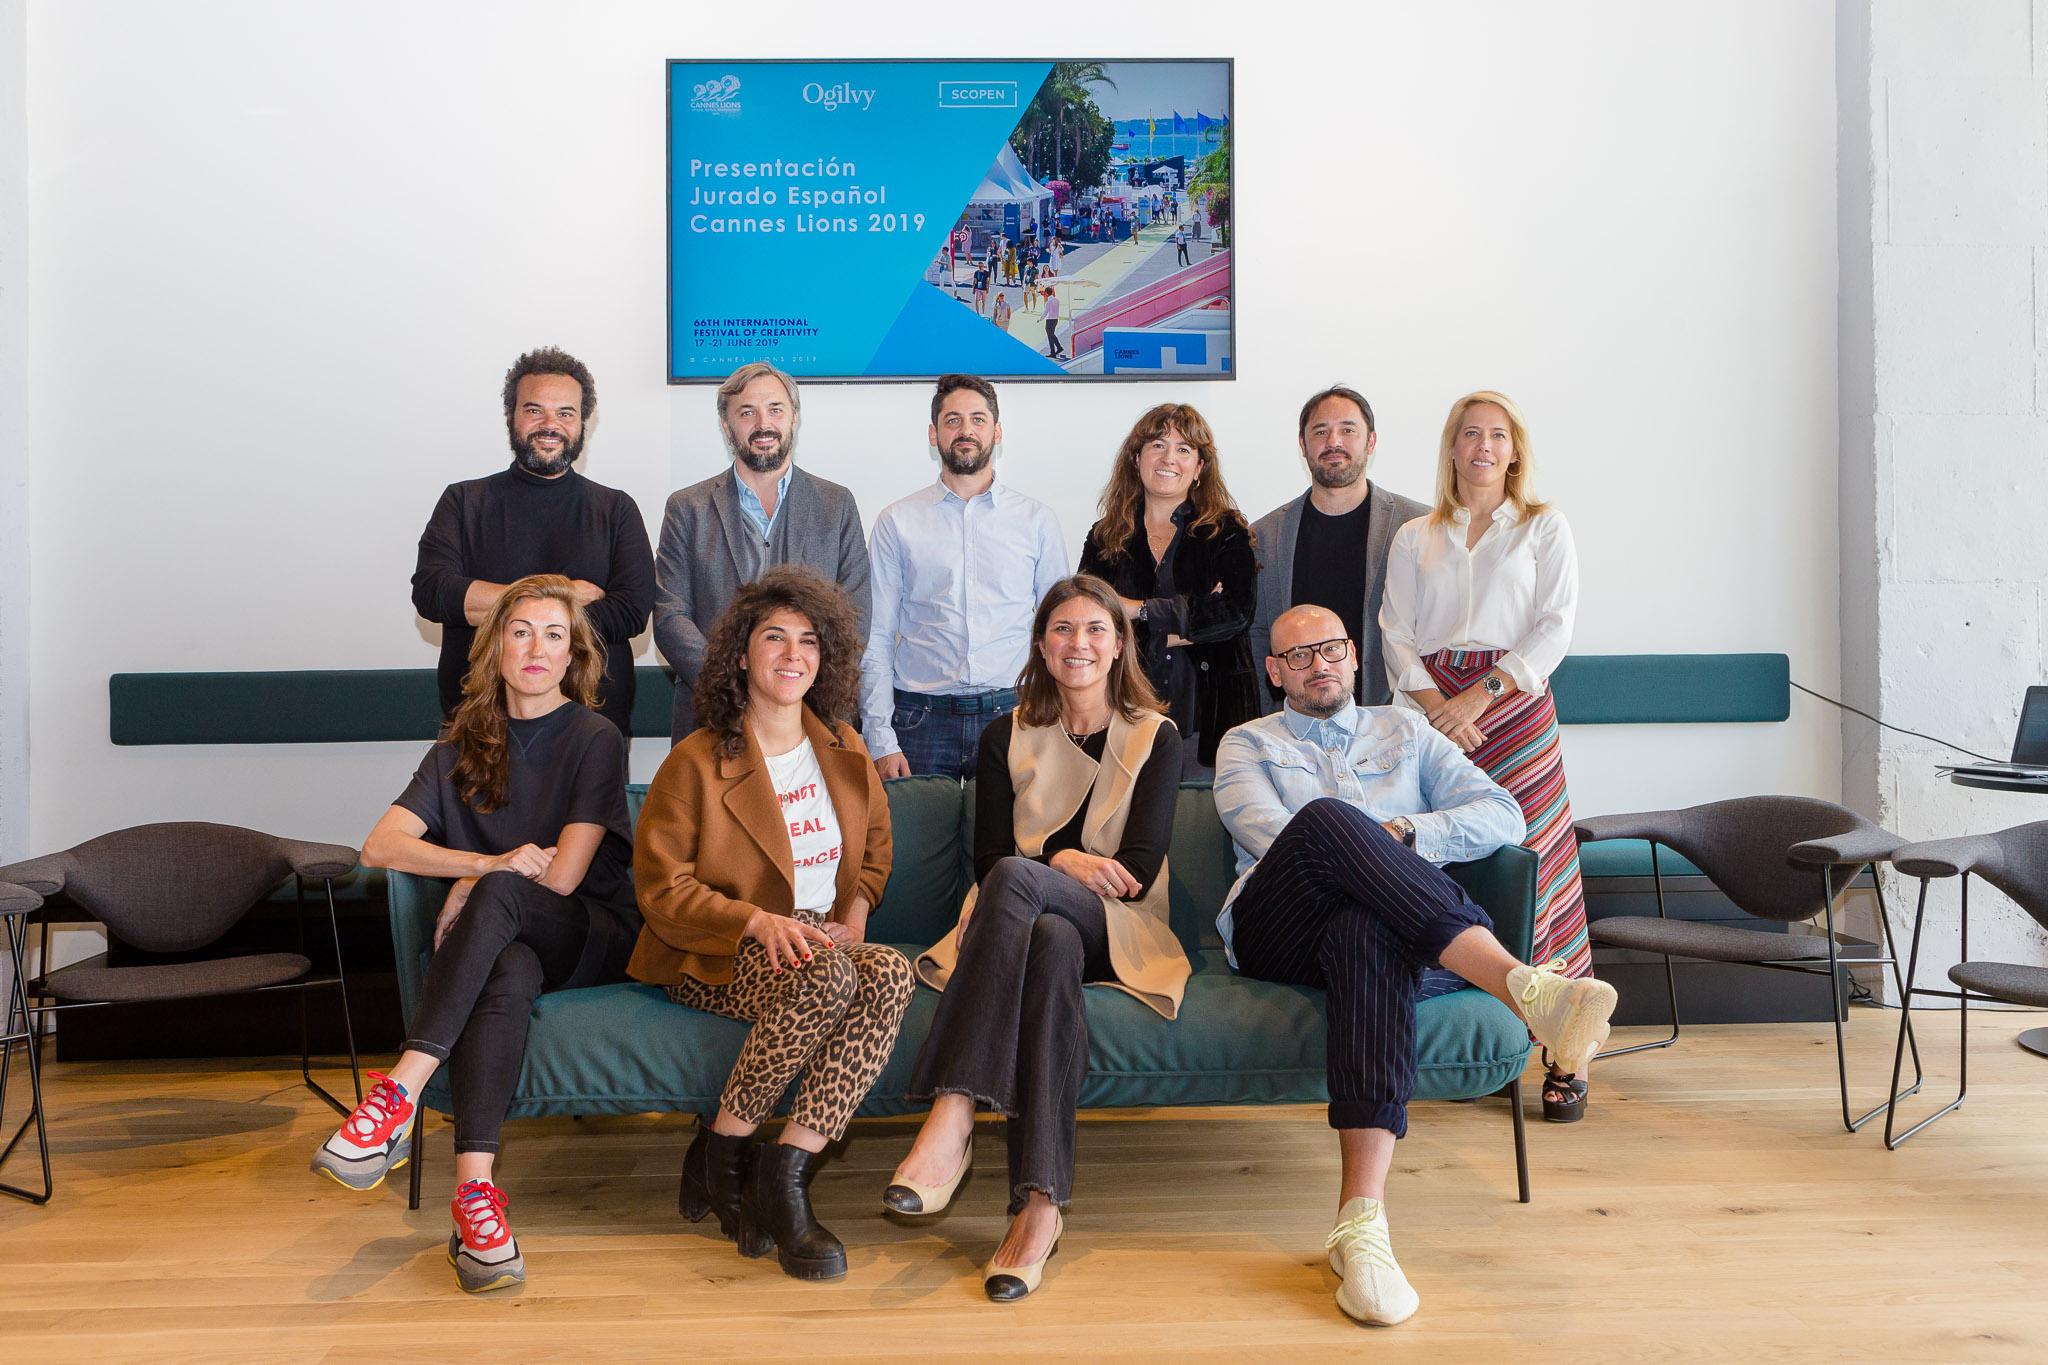 Jurado español Cannes Lions 2019